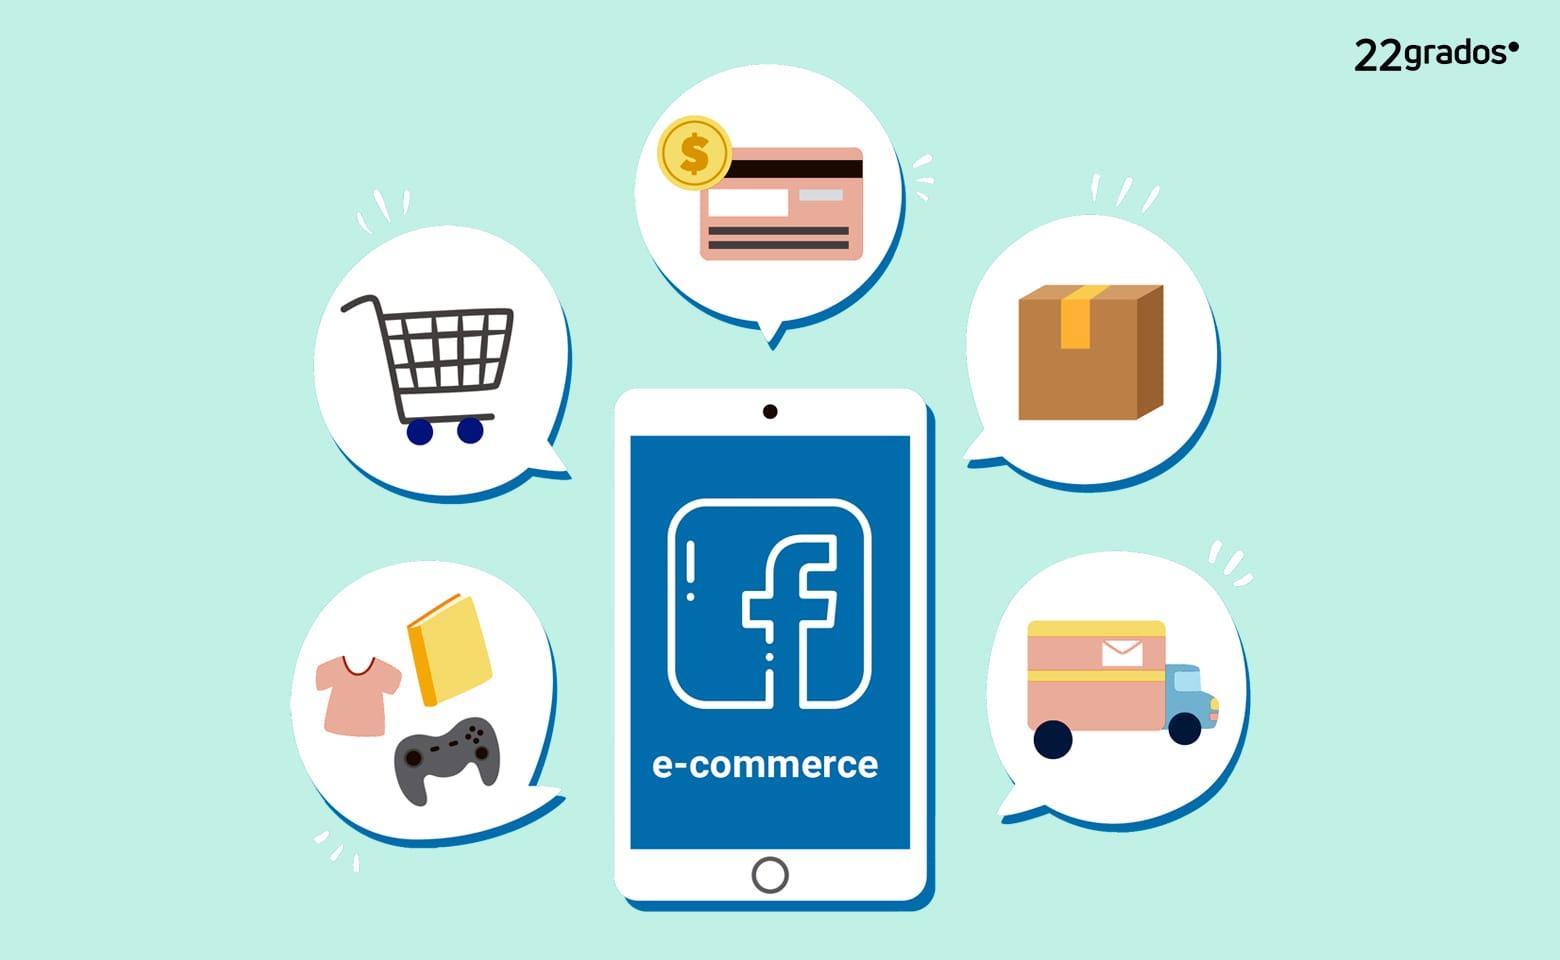 Facebook se lanza al e-commerce